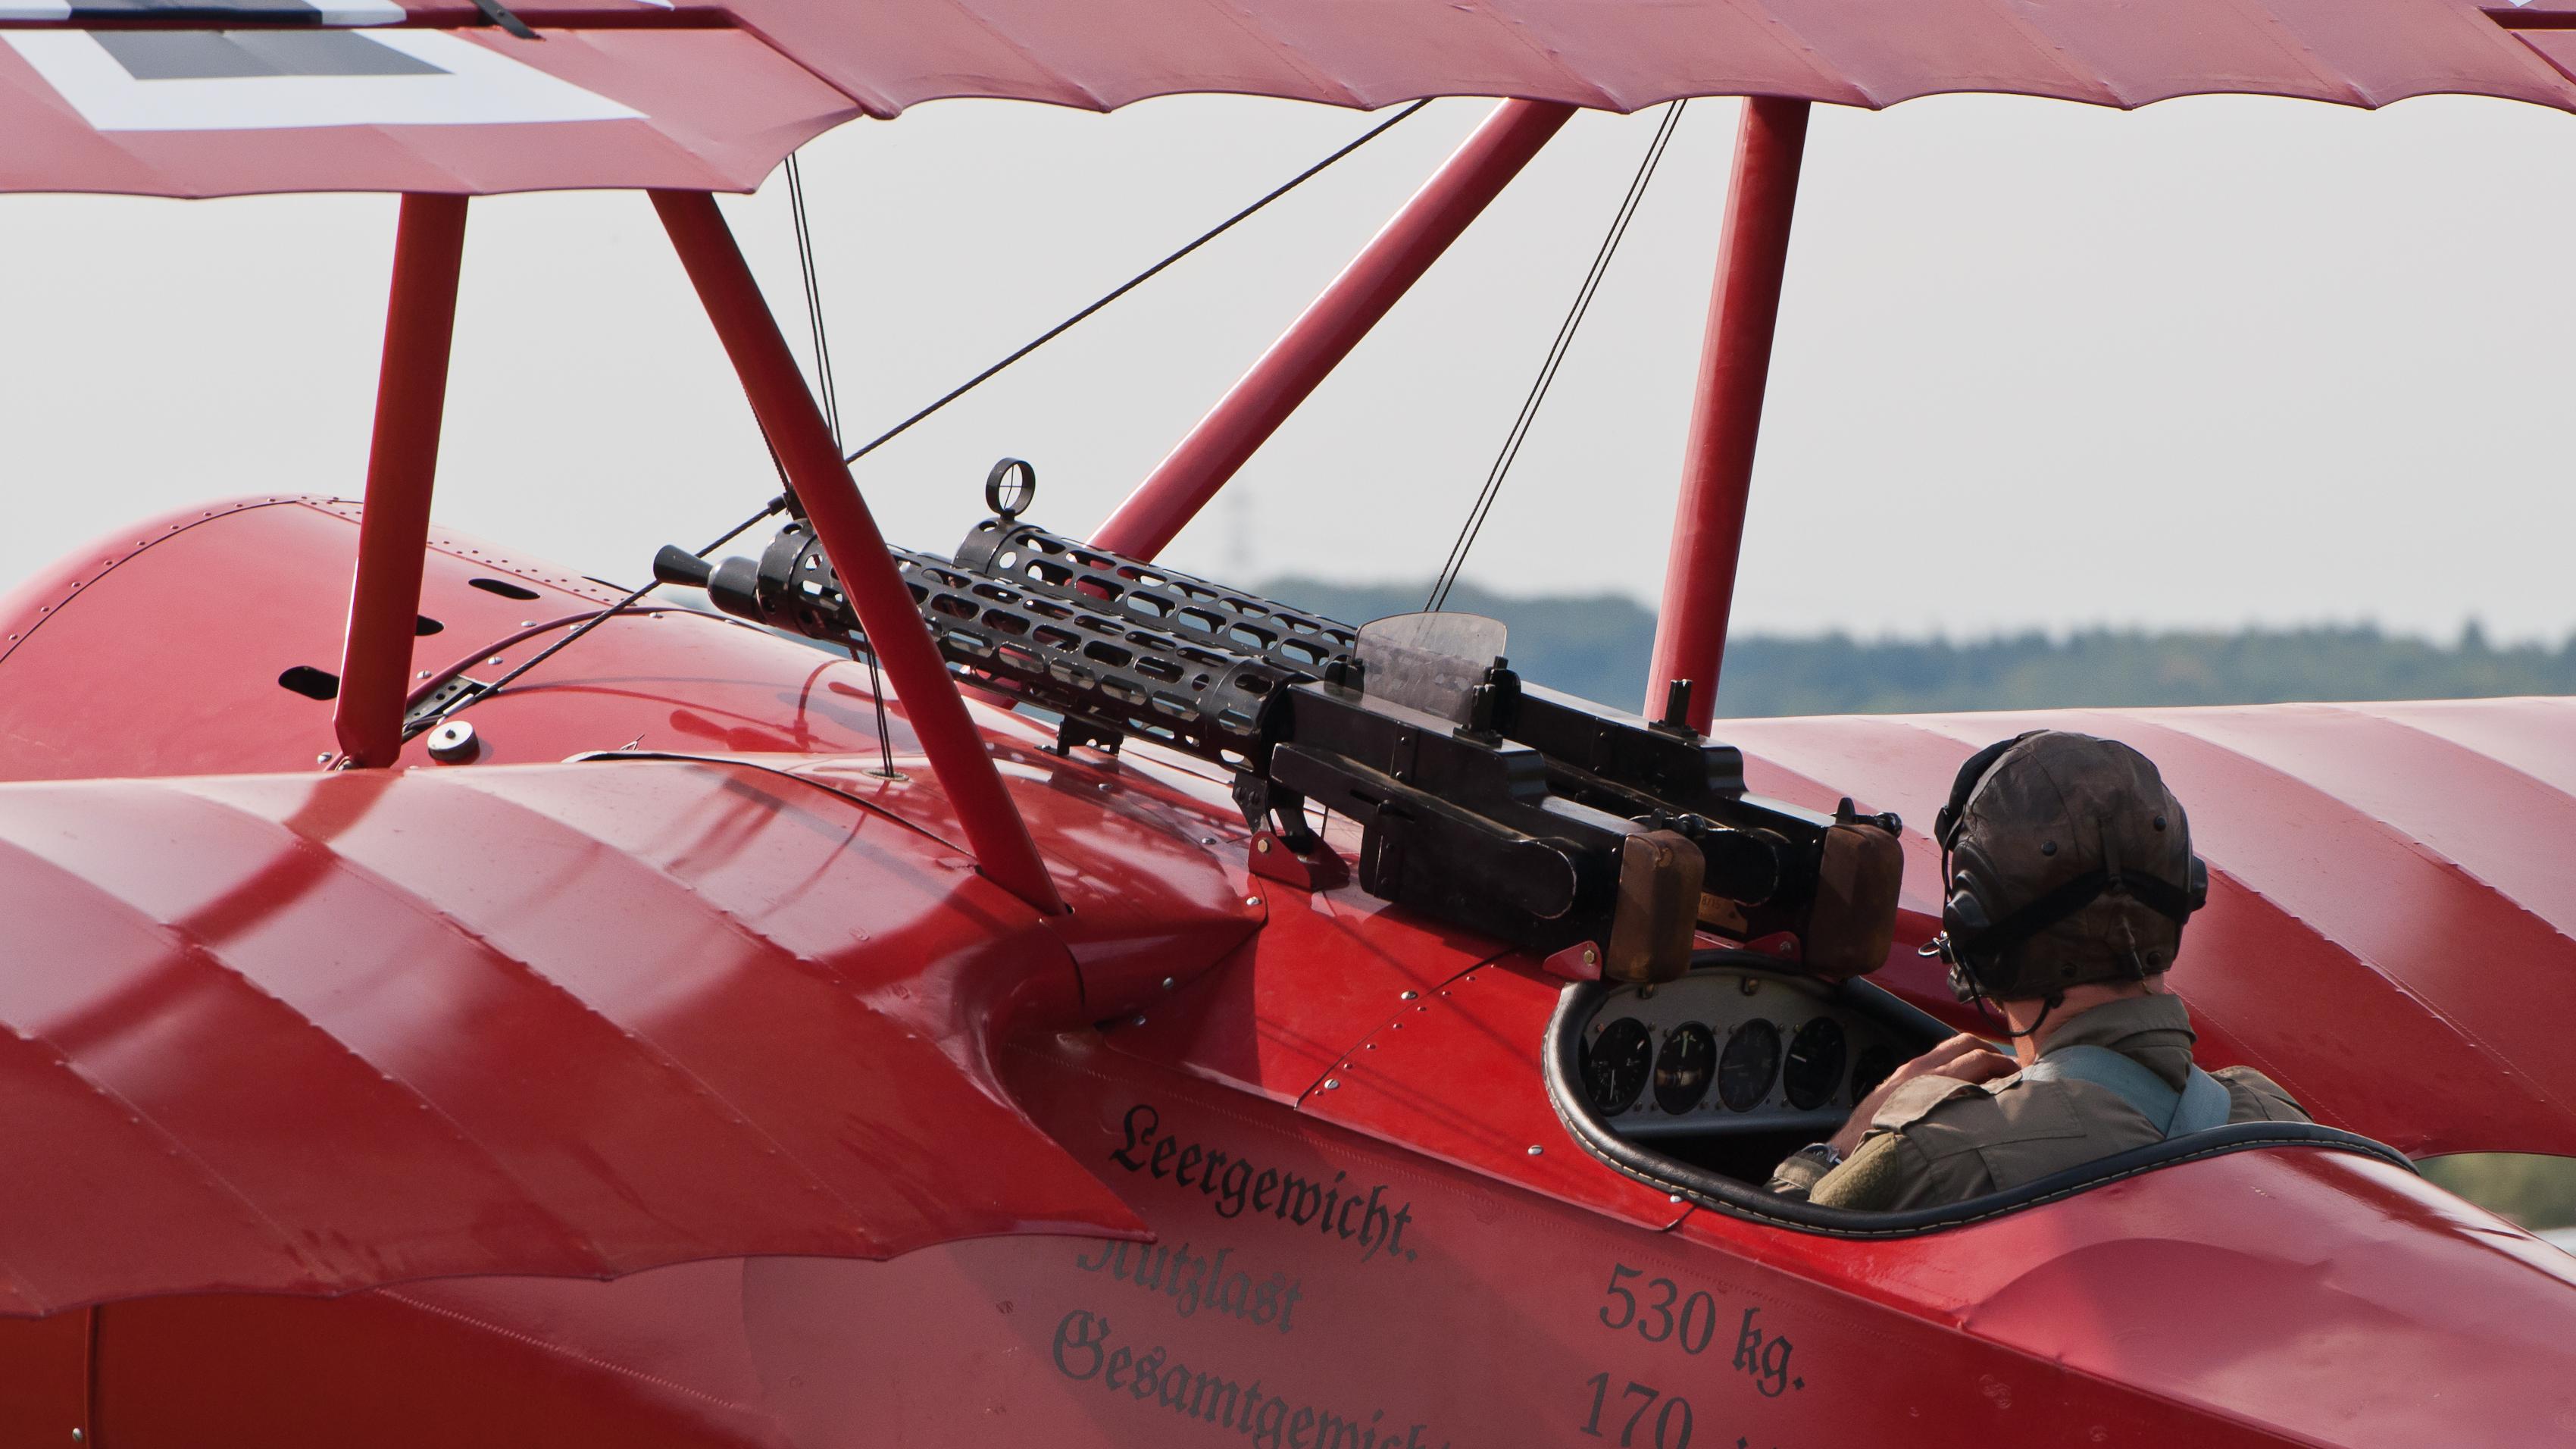 Spandau Lmg 08 Plane Encyclopedia